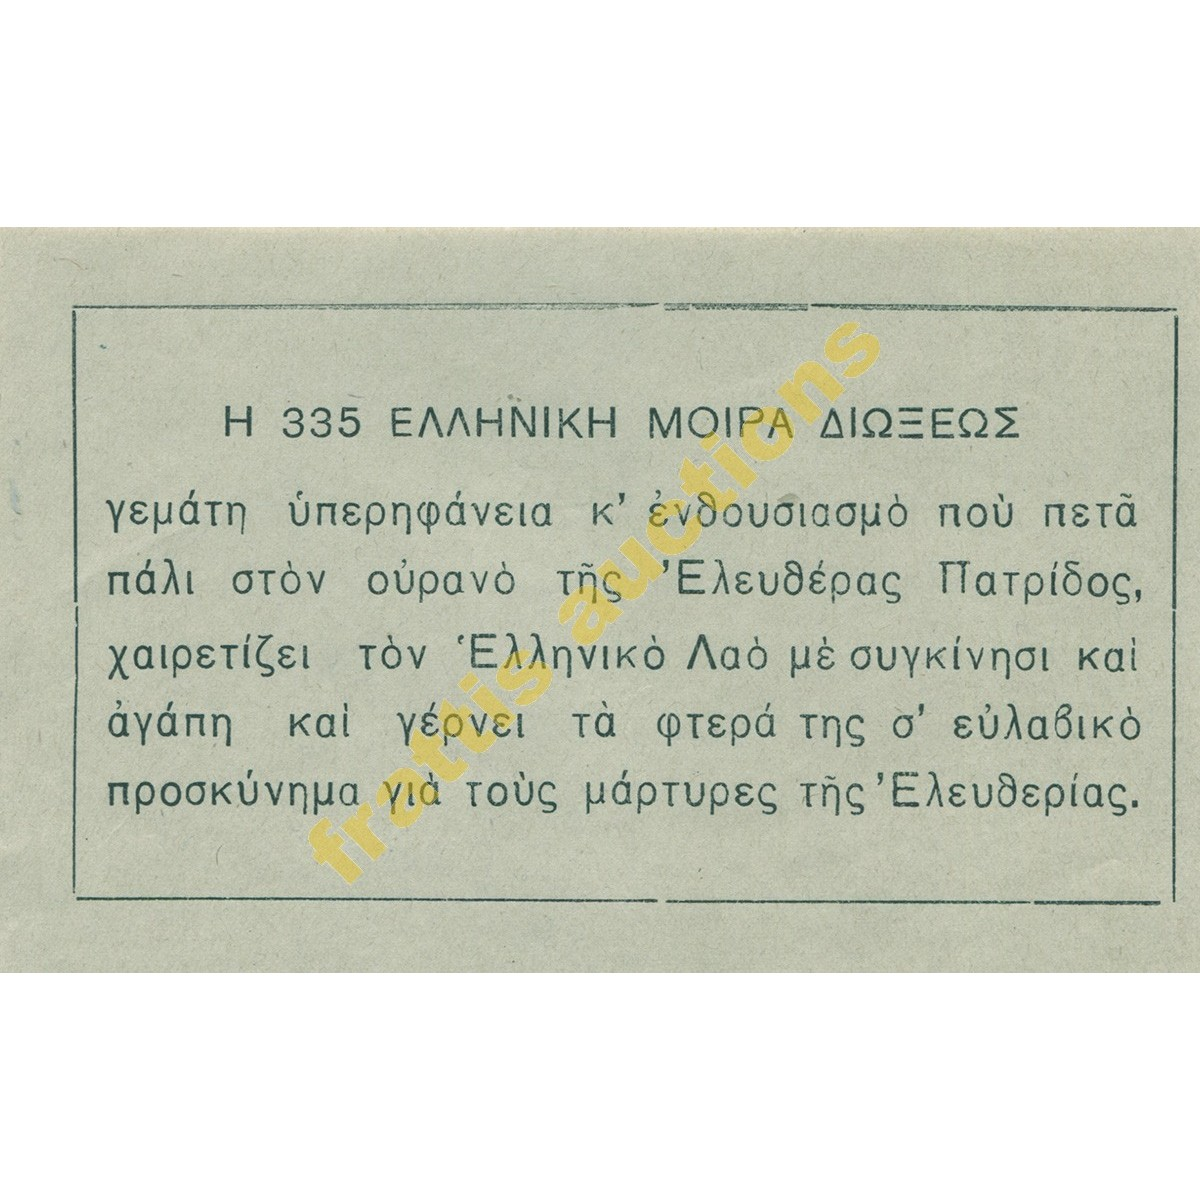 Η 335 ΕΛΛΗΝΙΚΗ ΜΟΙΡΑ ΔΙΩΞ